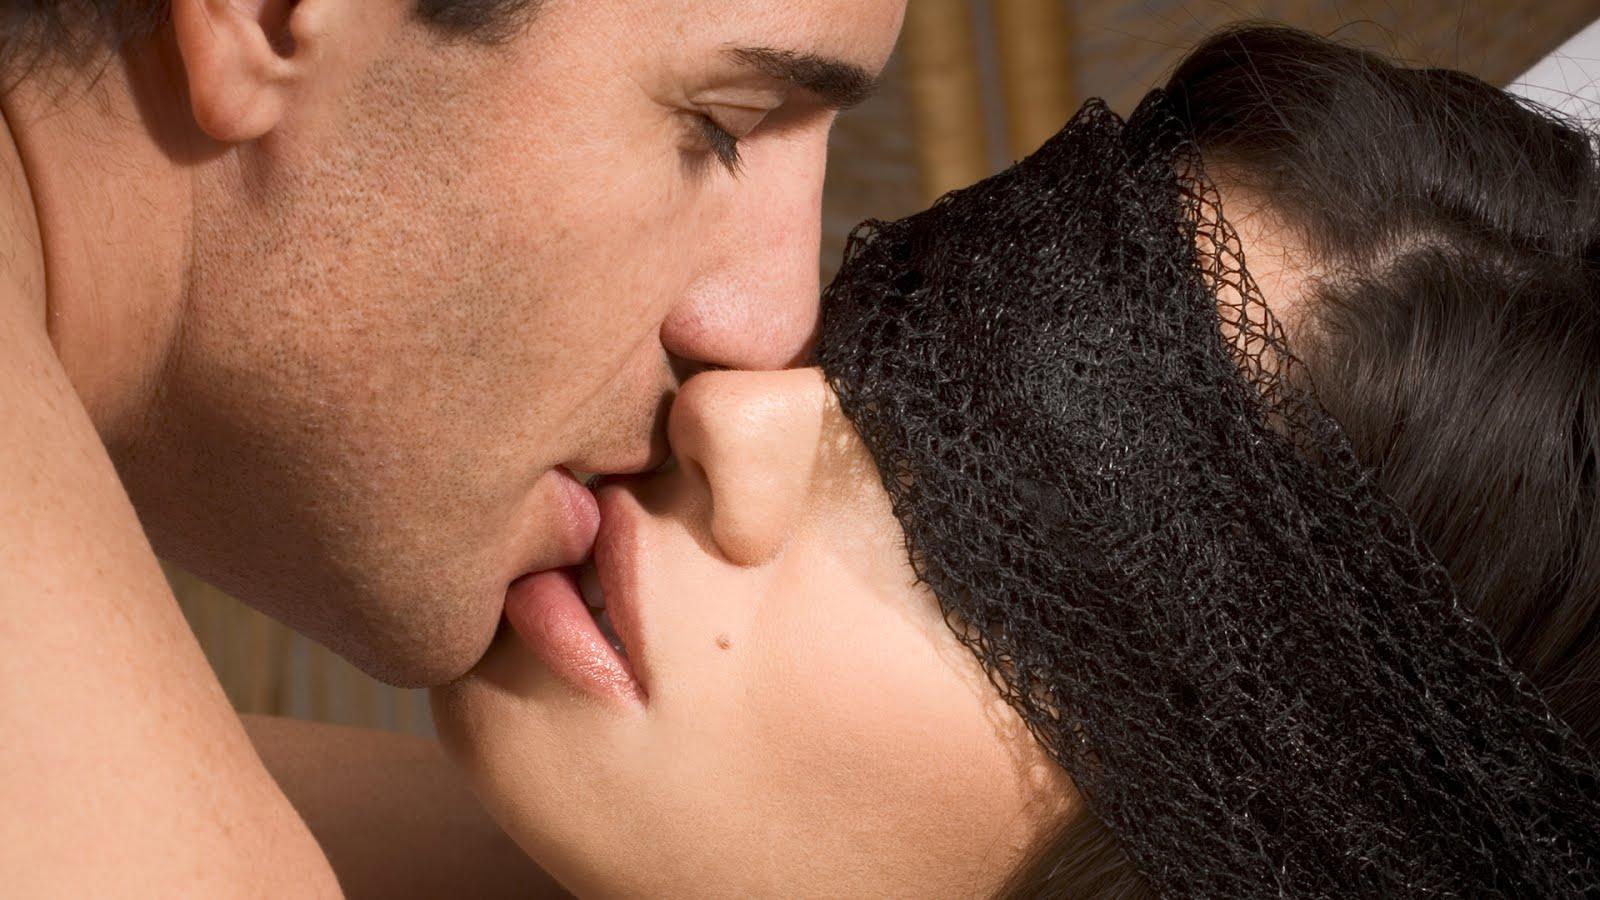 صورة صور قبلات متحركة , بالصور احلى القبلات المتحركة النادرة